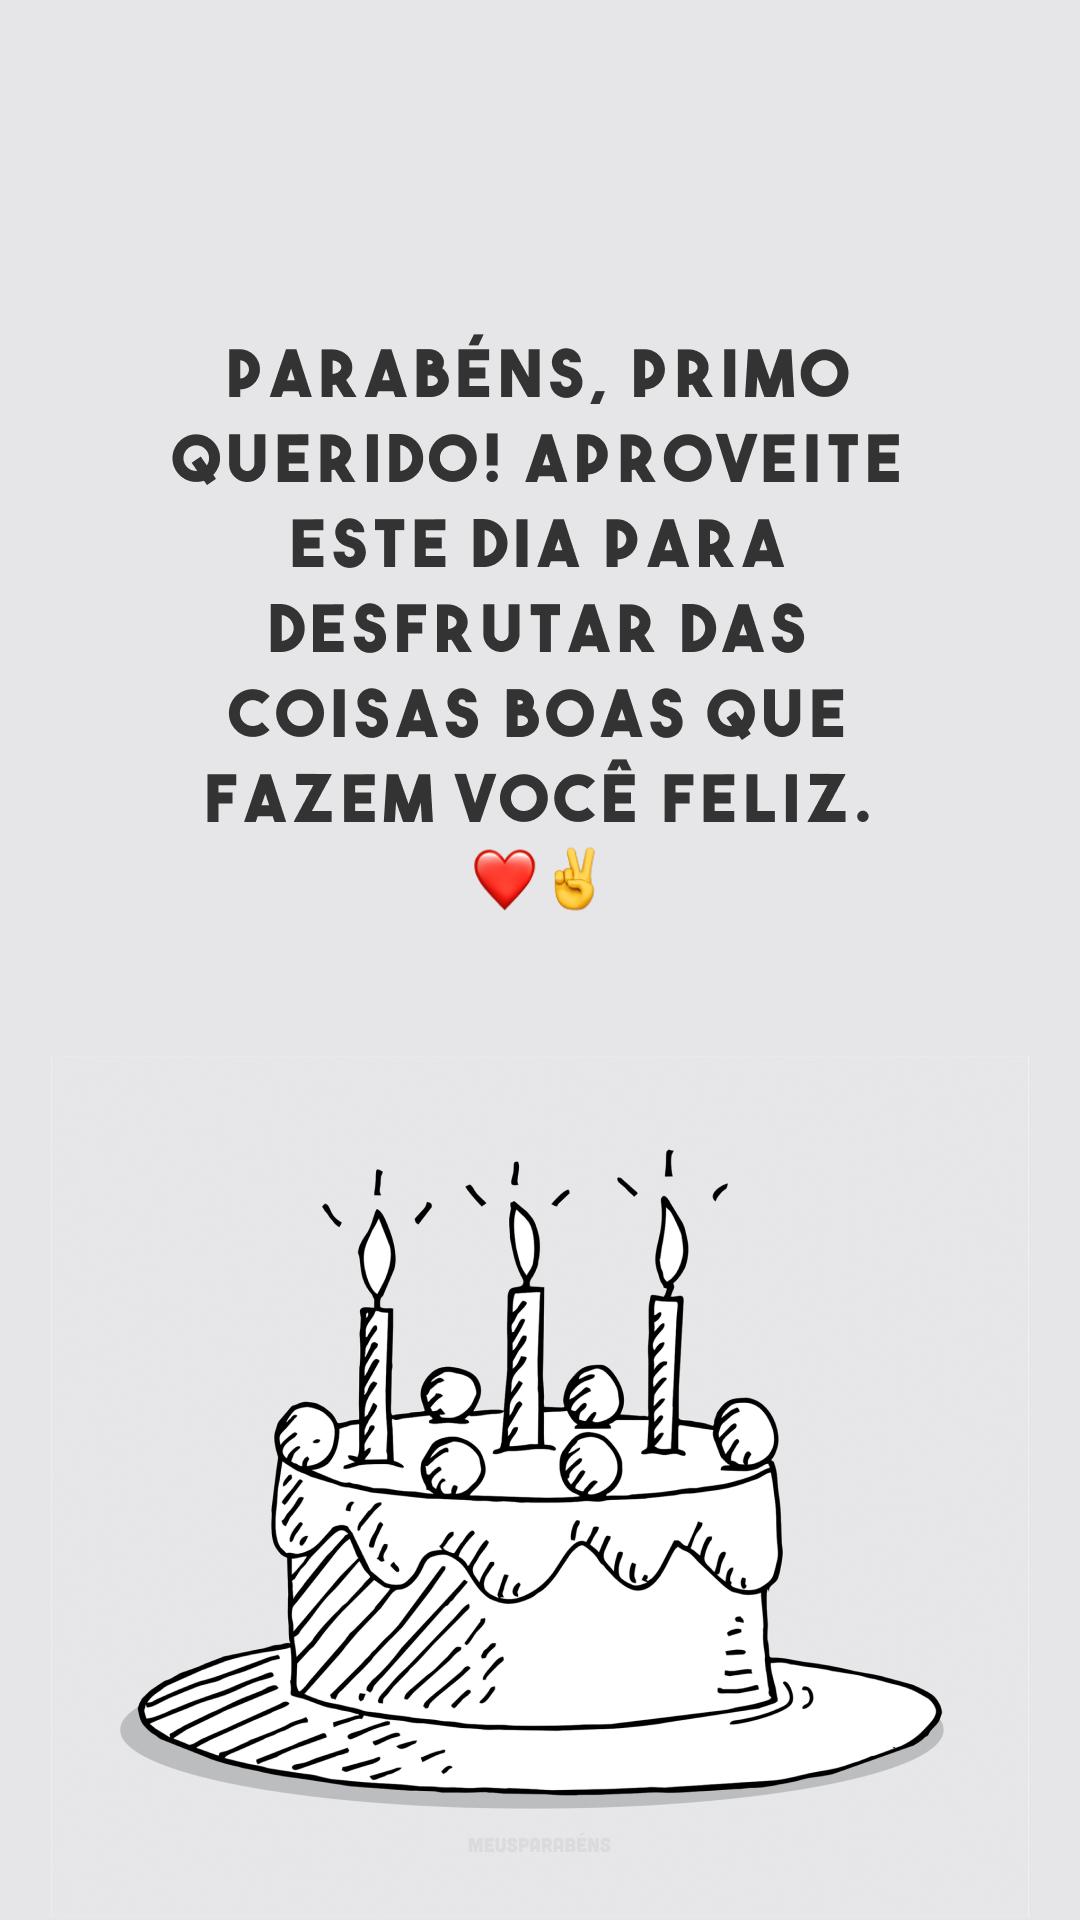 Parabéns, primo querido! Aproveite este dia para desfrutar das coisas boas que fazem você feliz. ❤✌